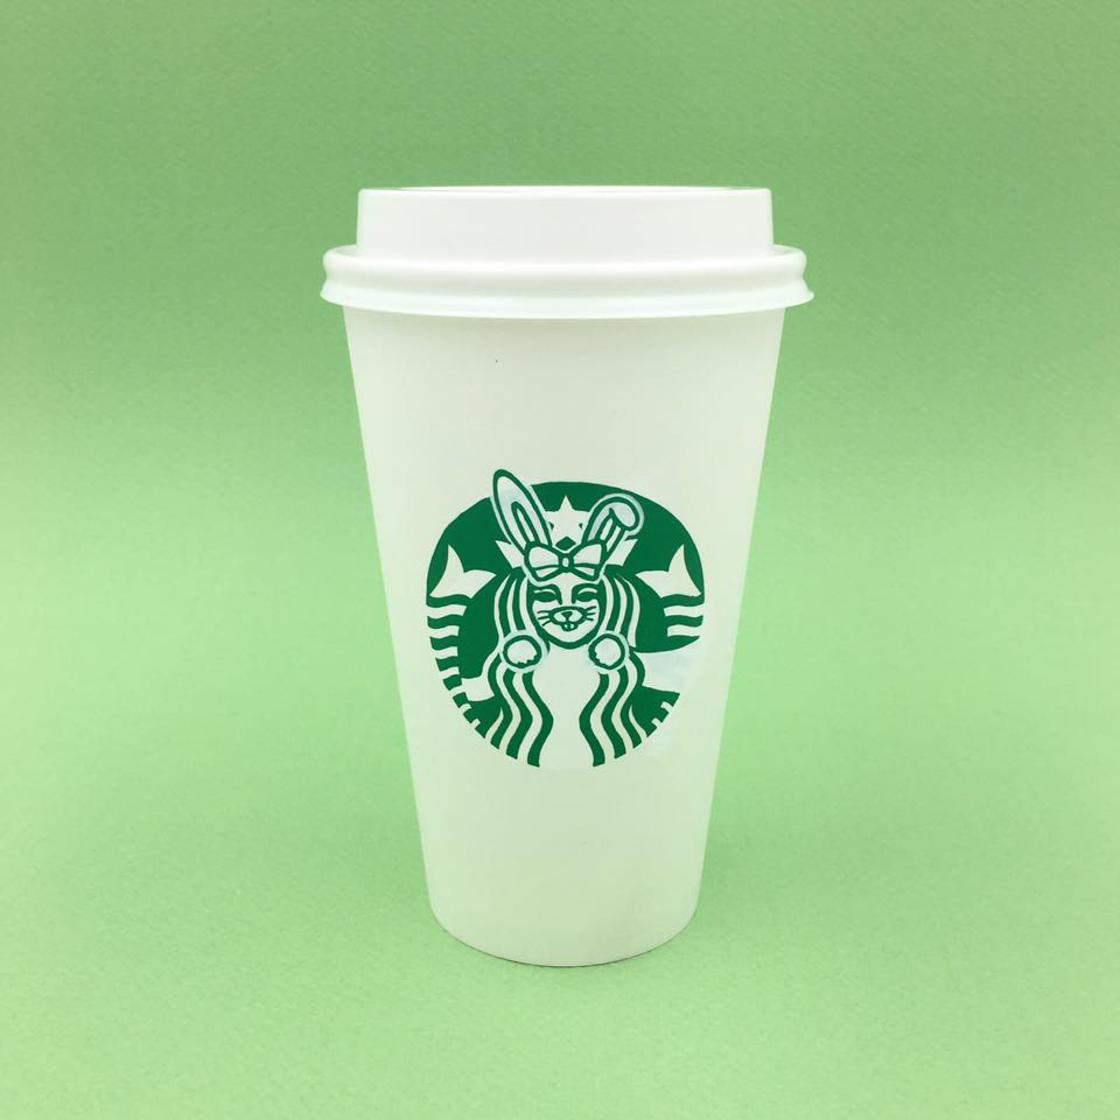 The secret life of the Starbucks logo